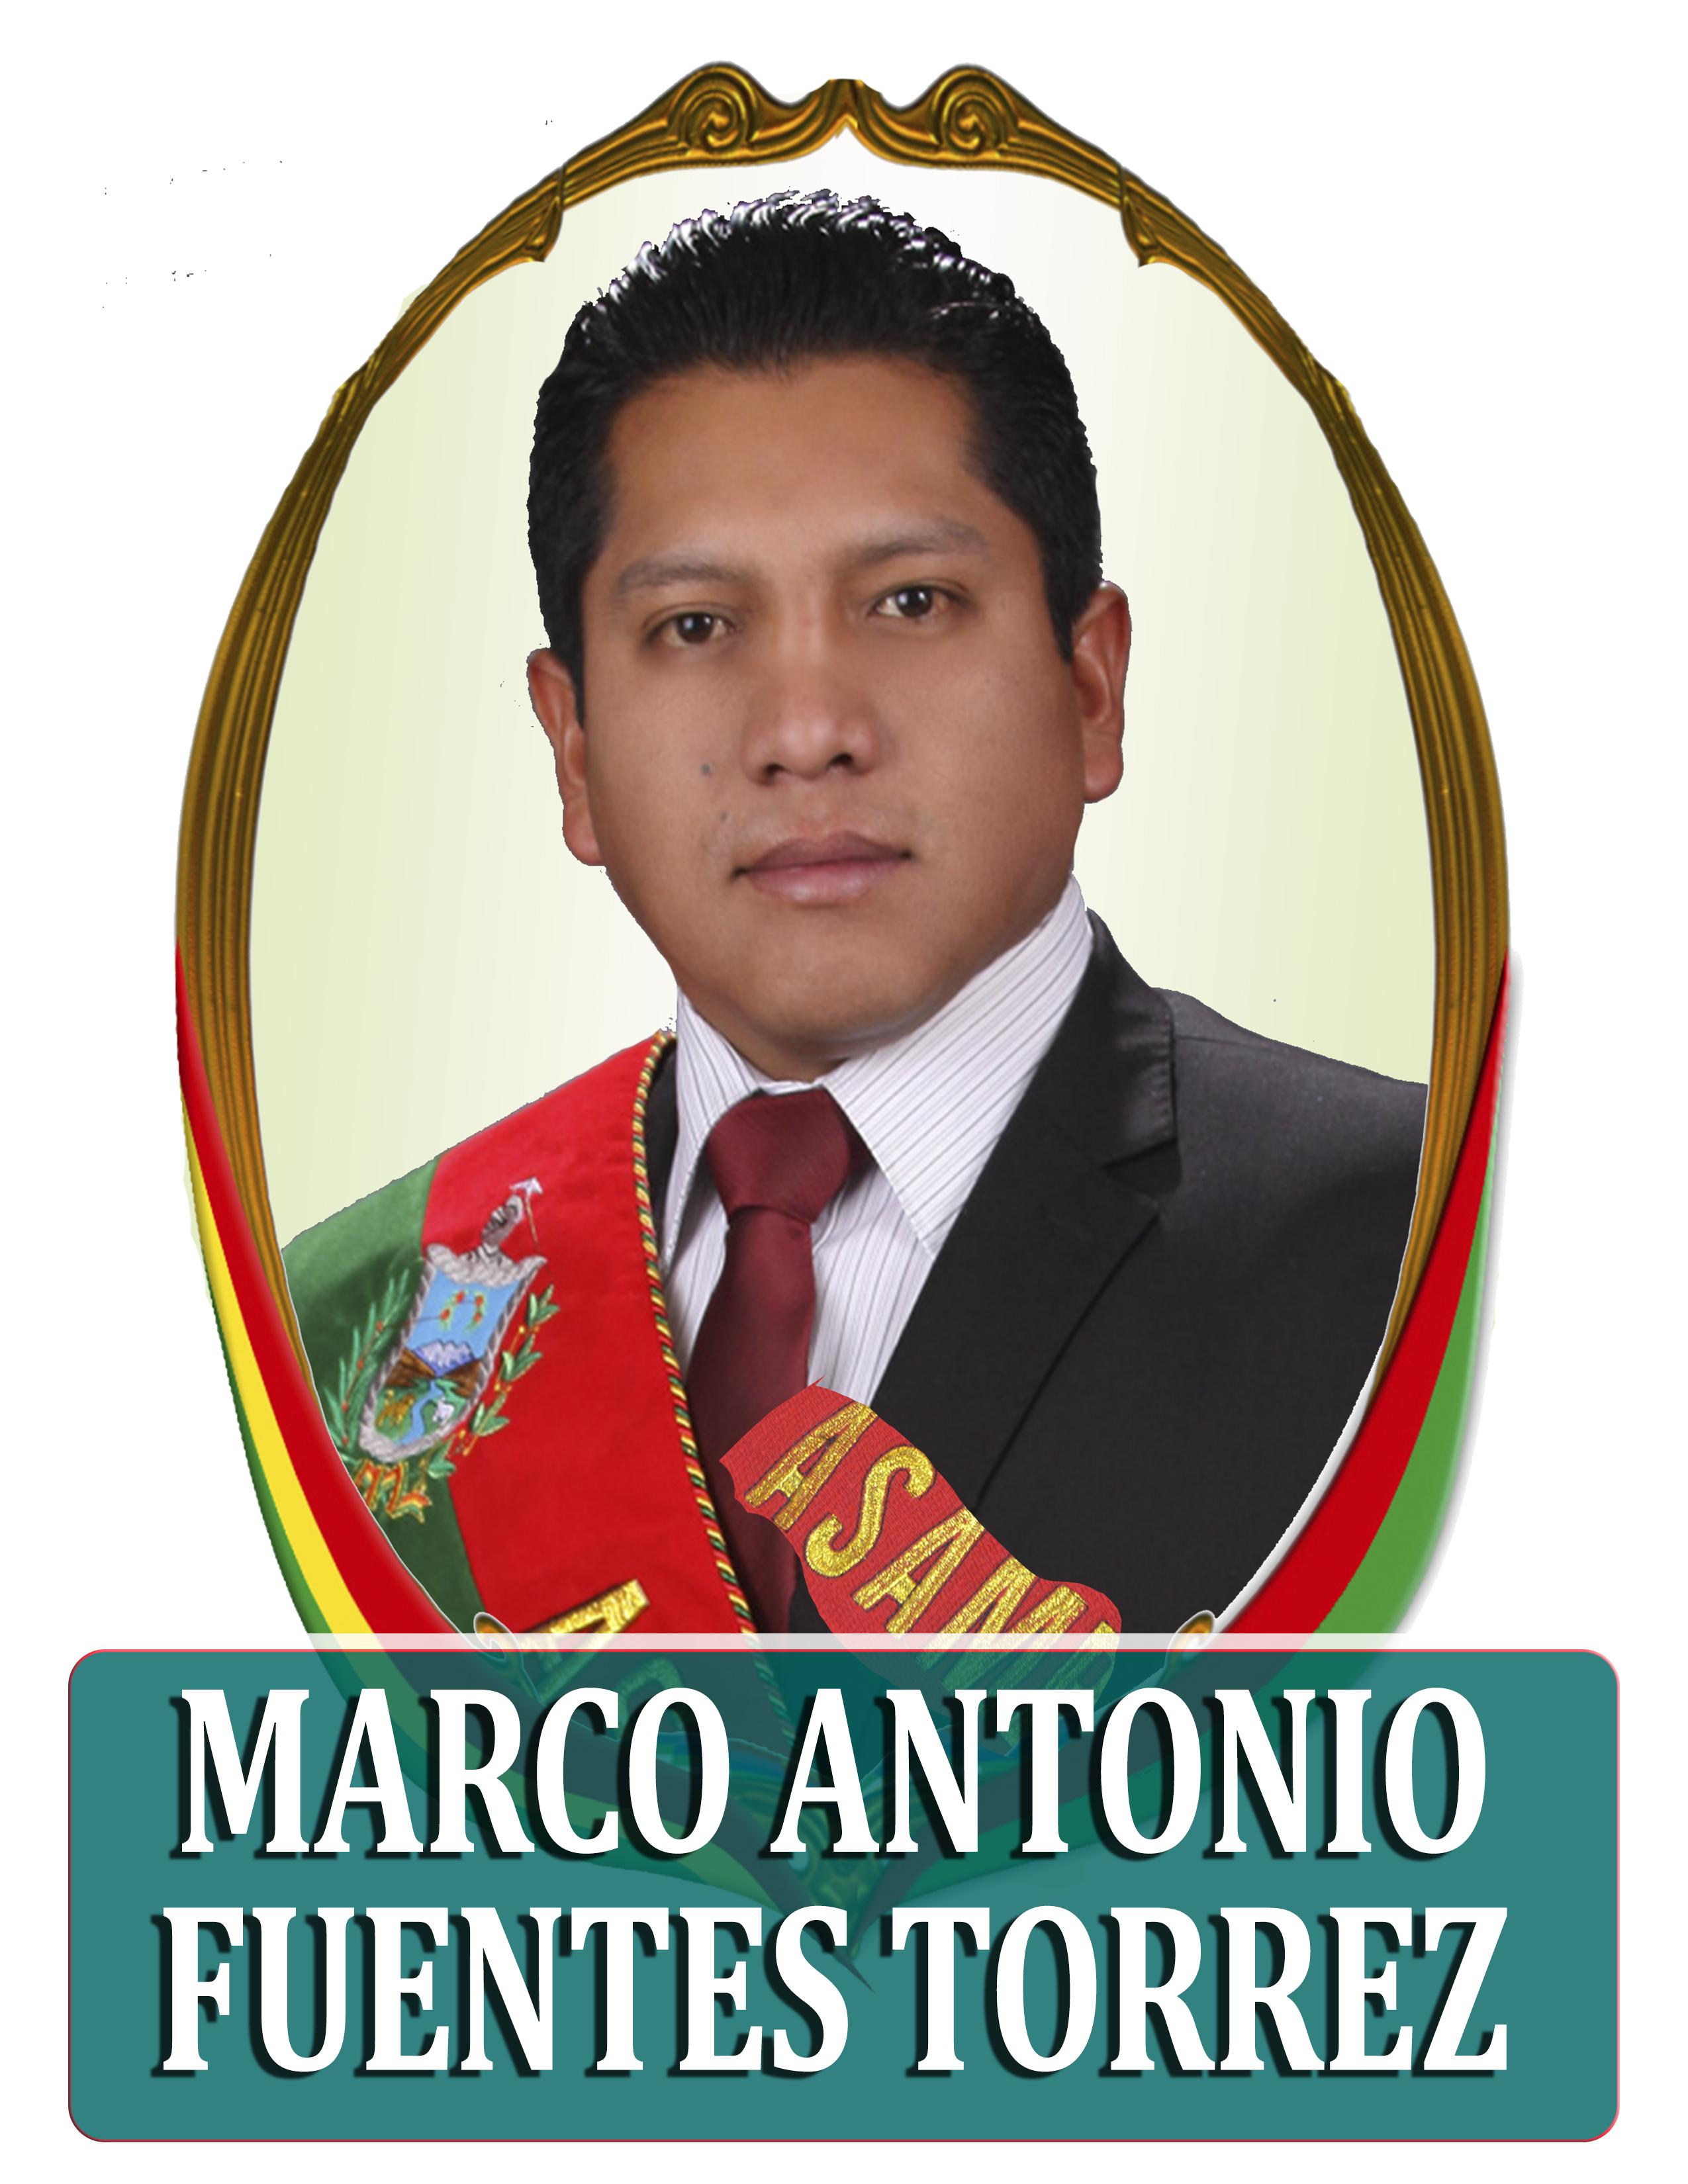 MARCO ANTONIO FUENTES TORRES